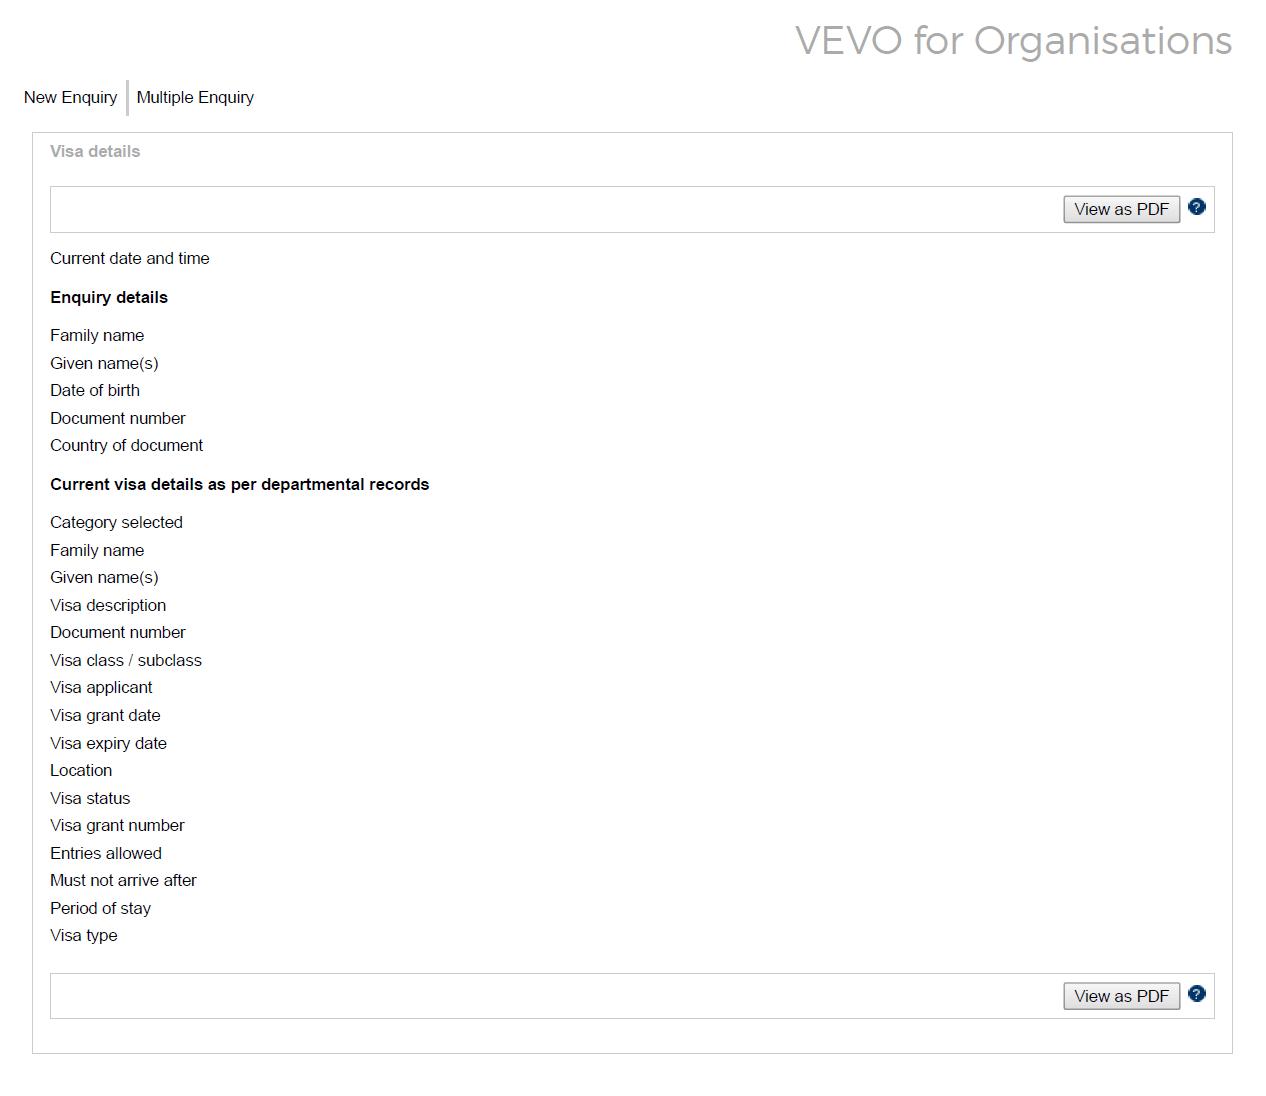 VEVO result